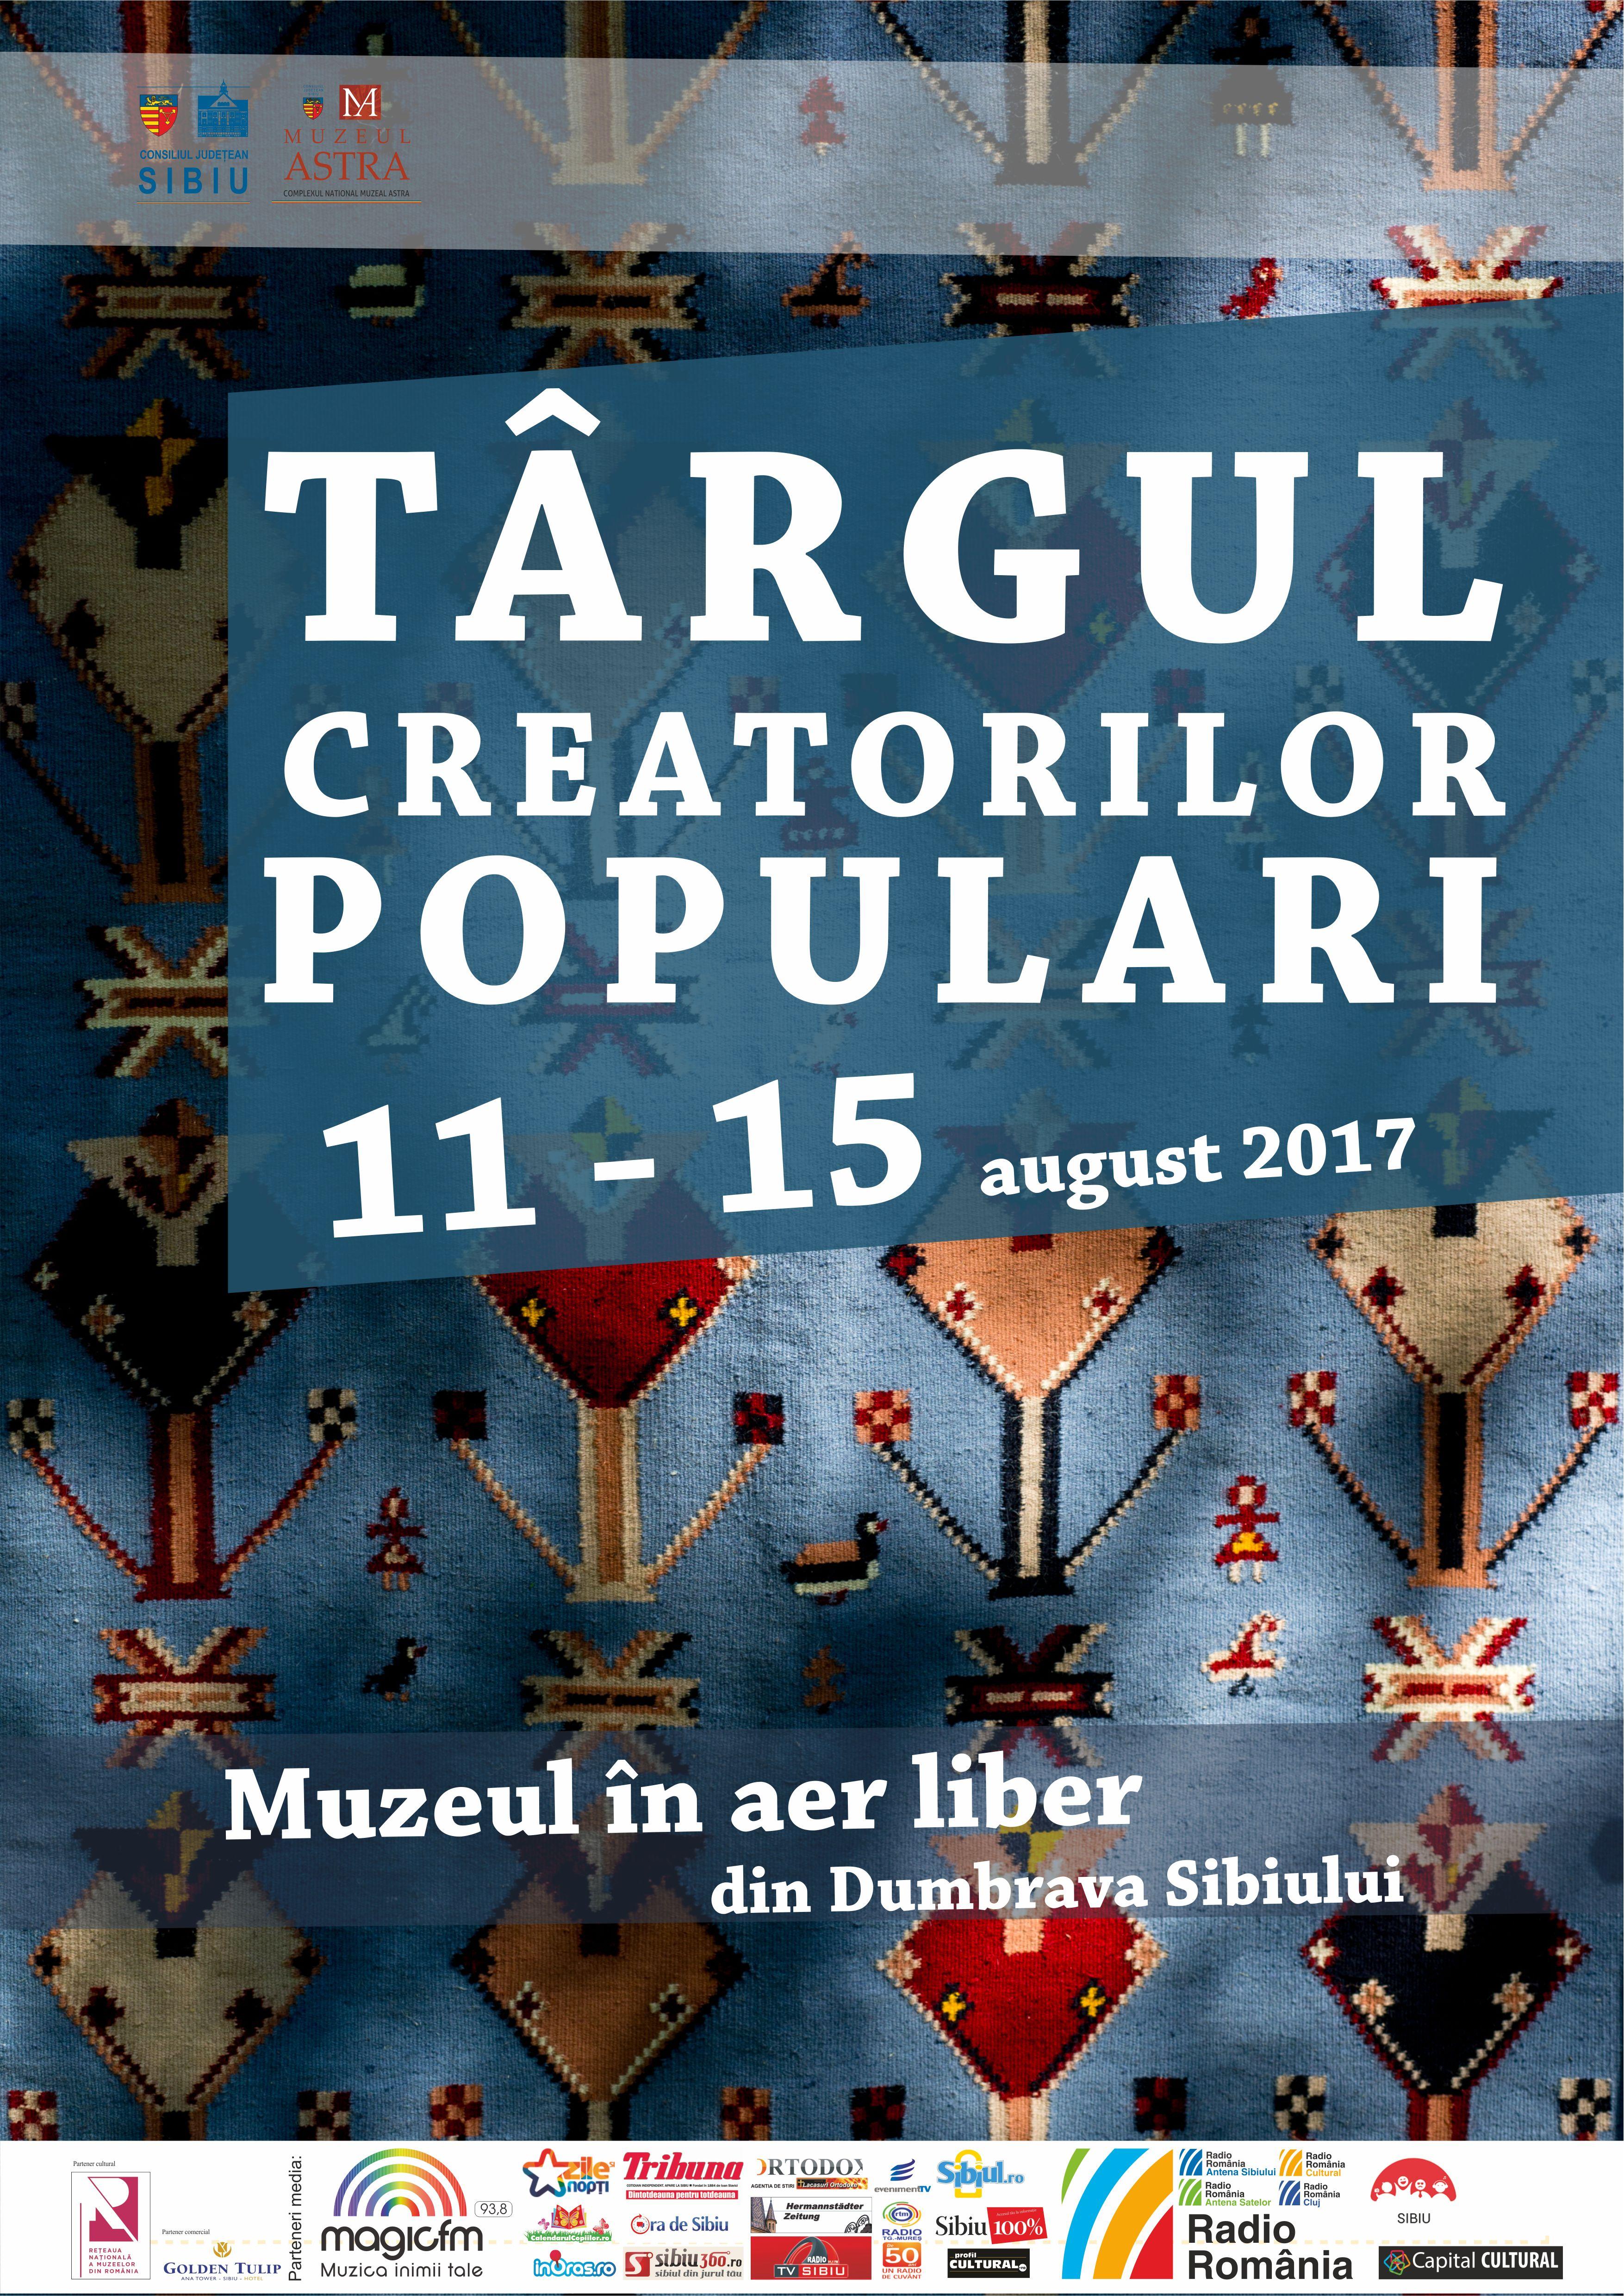 Târgul Creatorilor Populari din România, ediția a XXXIV-a